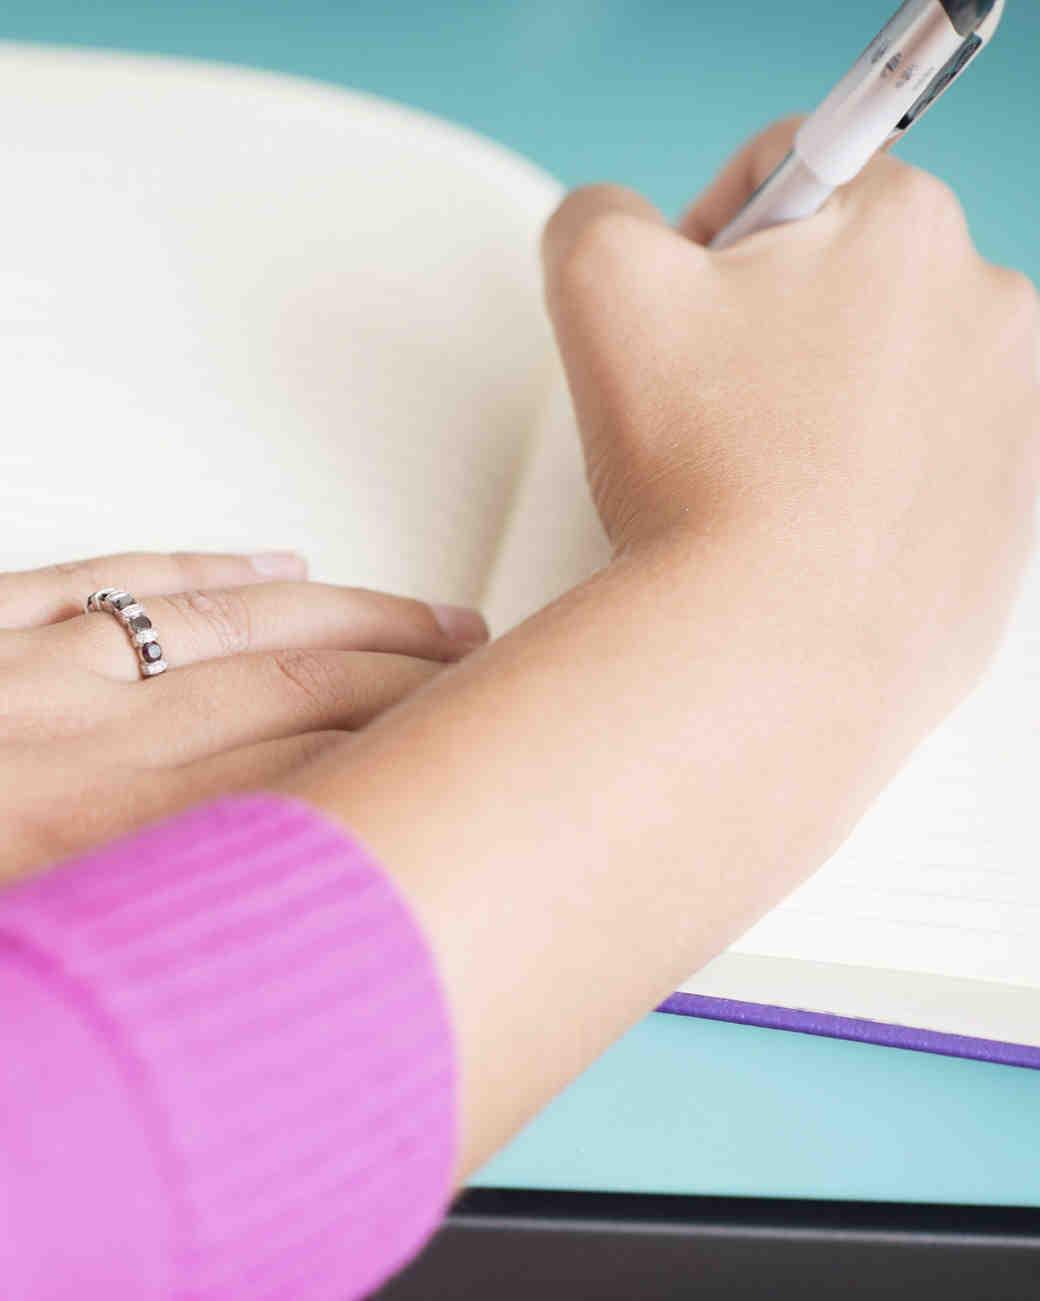 writting in book